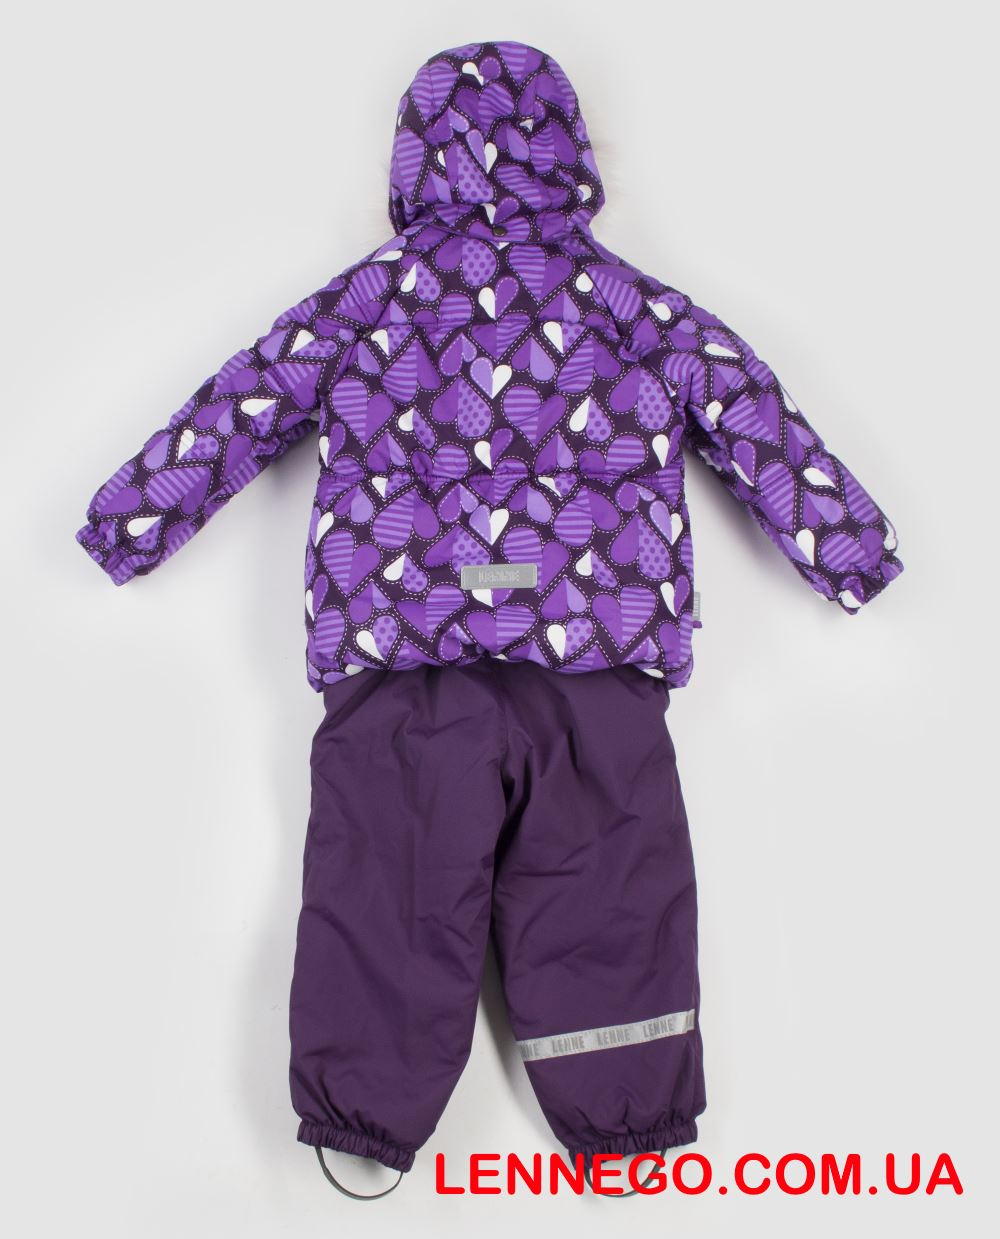 Lenne Elsa комплект для девочки фиолет